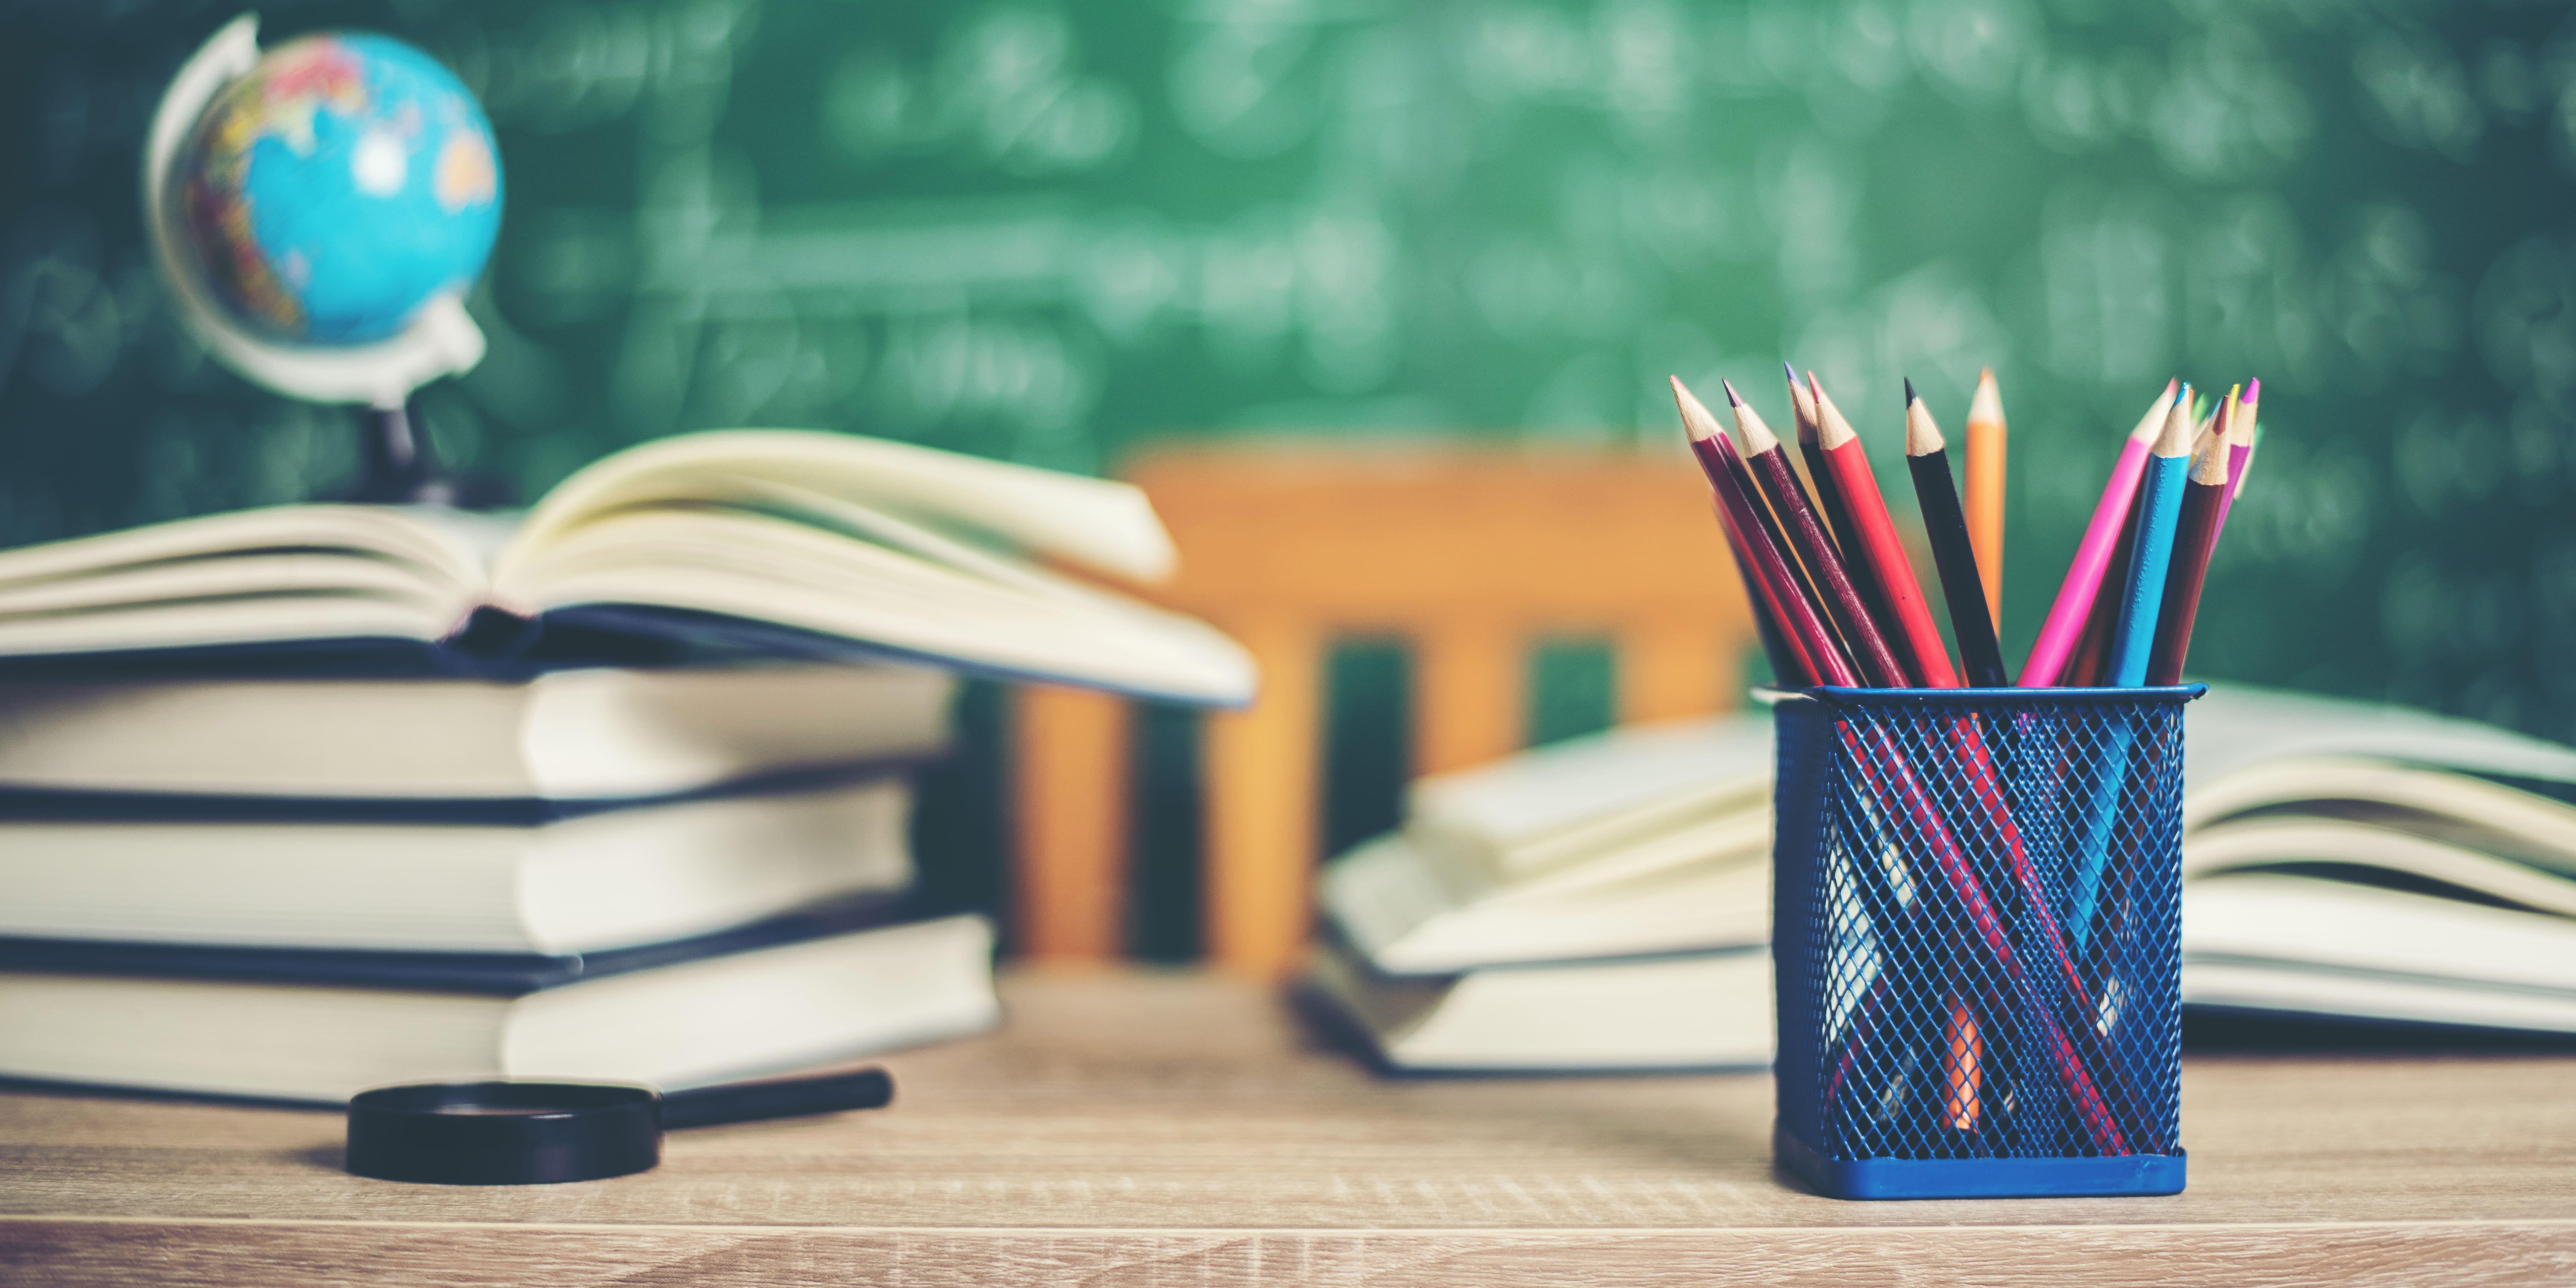 Você sabe PLANEJAR os seus estudos? Aprenda agora